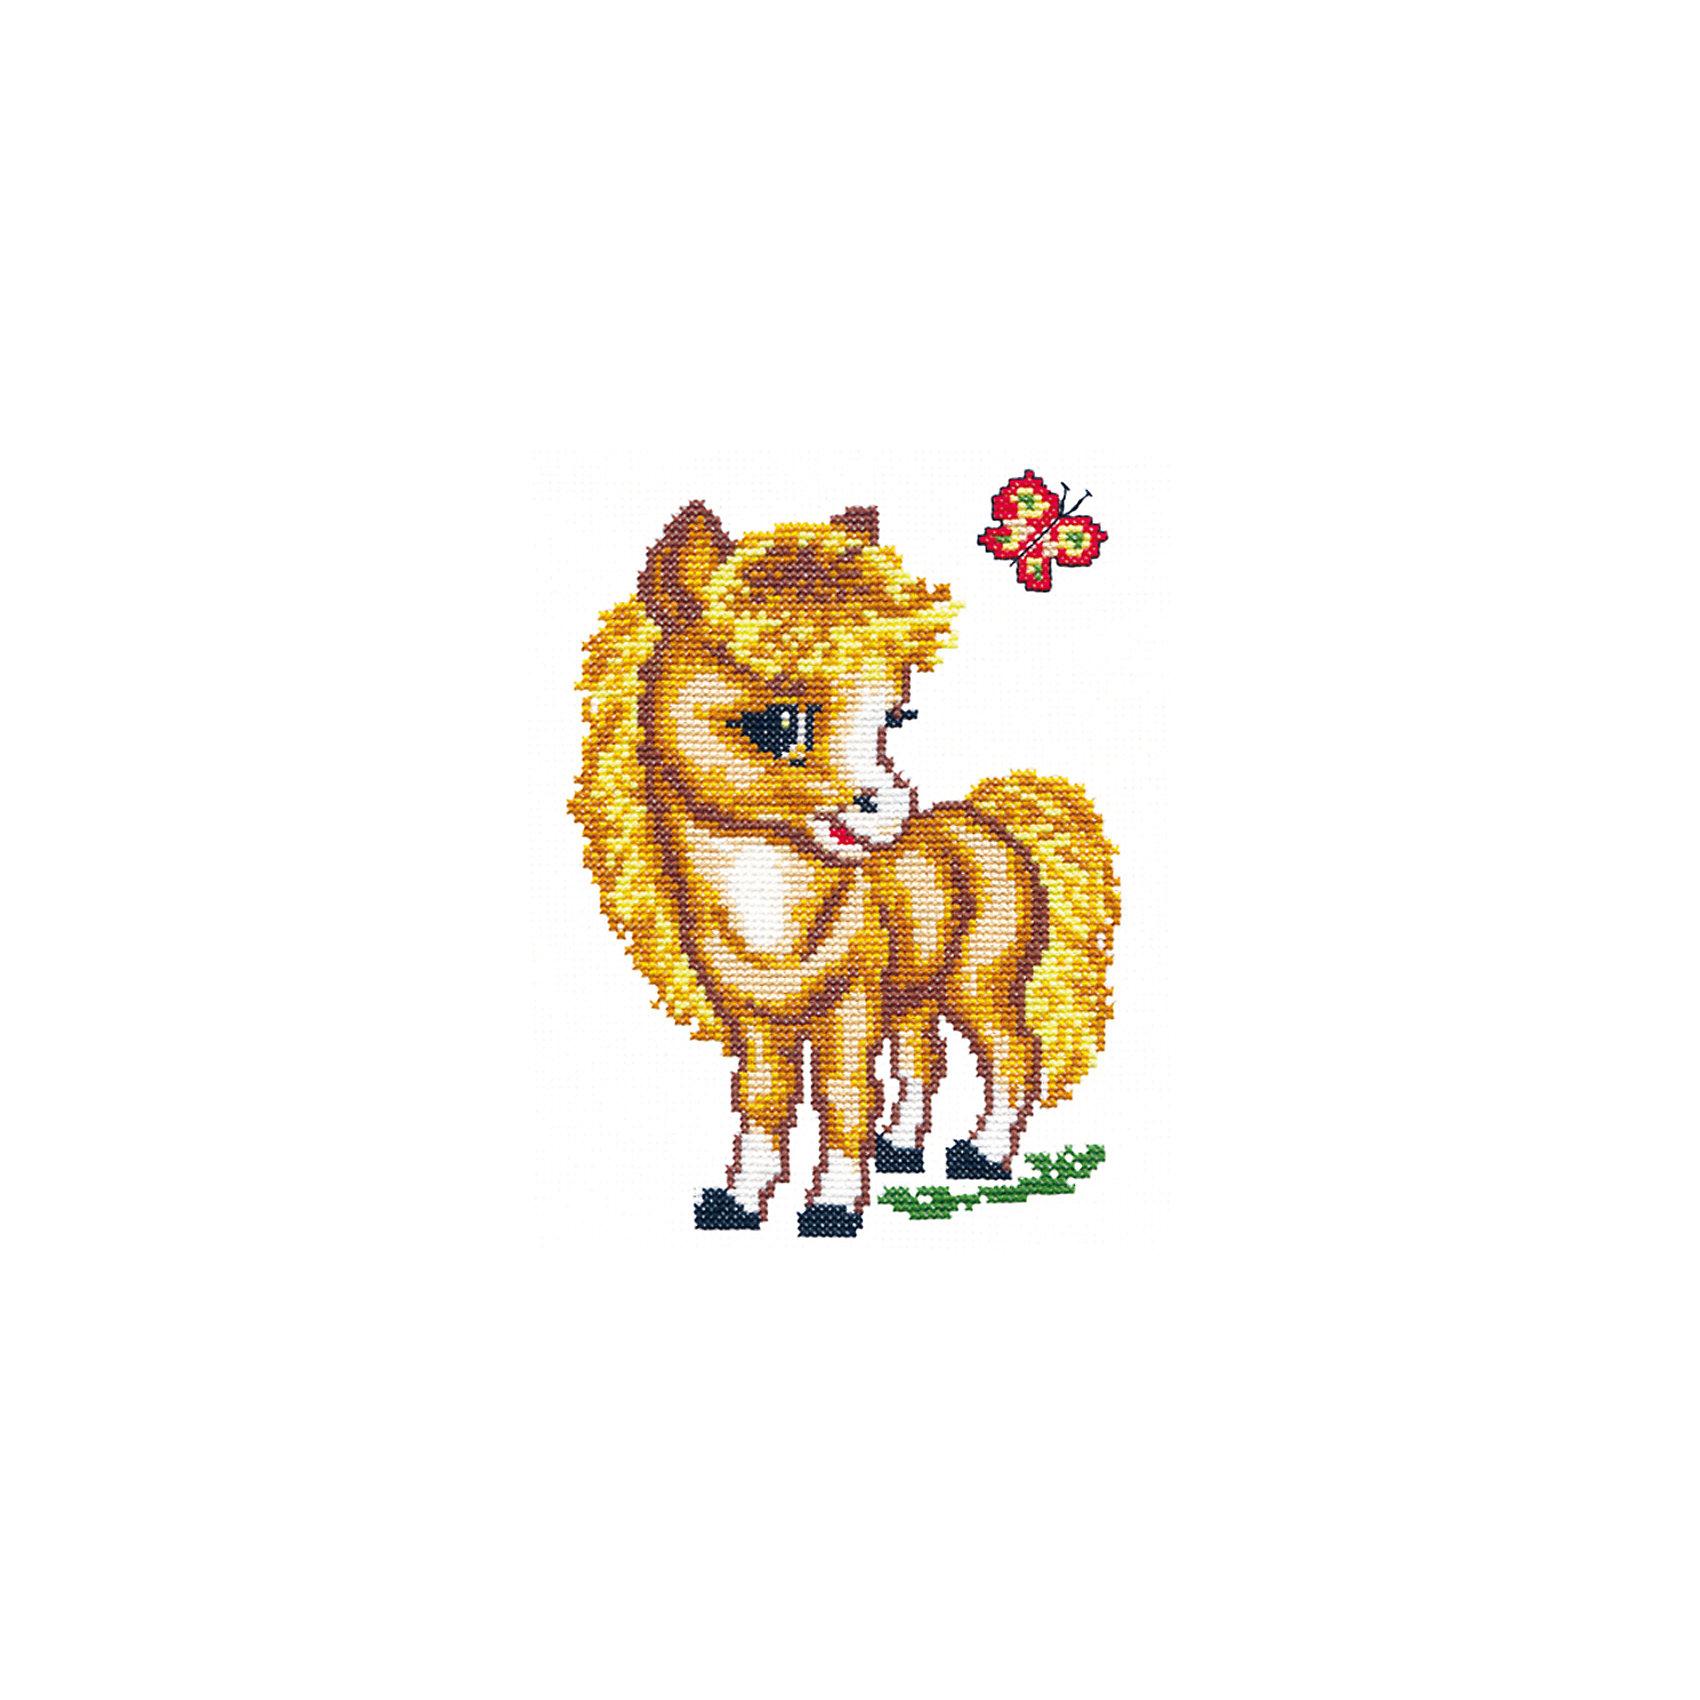 Чудесная игла Набор для вышивания крестом «Весёлая лошадка» vervaco набор для вышивания лицевой стороны наволочки белый шиповник 40 40см